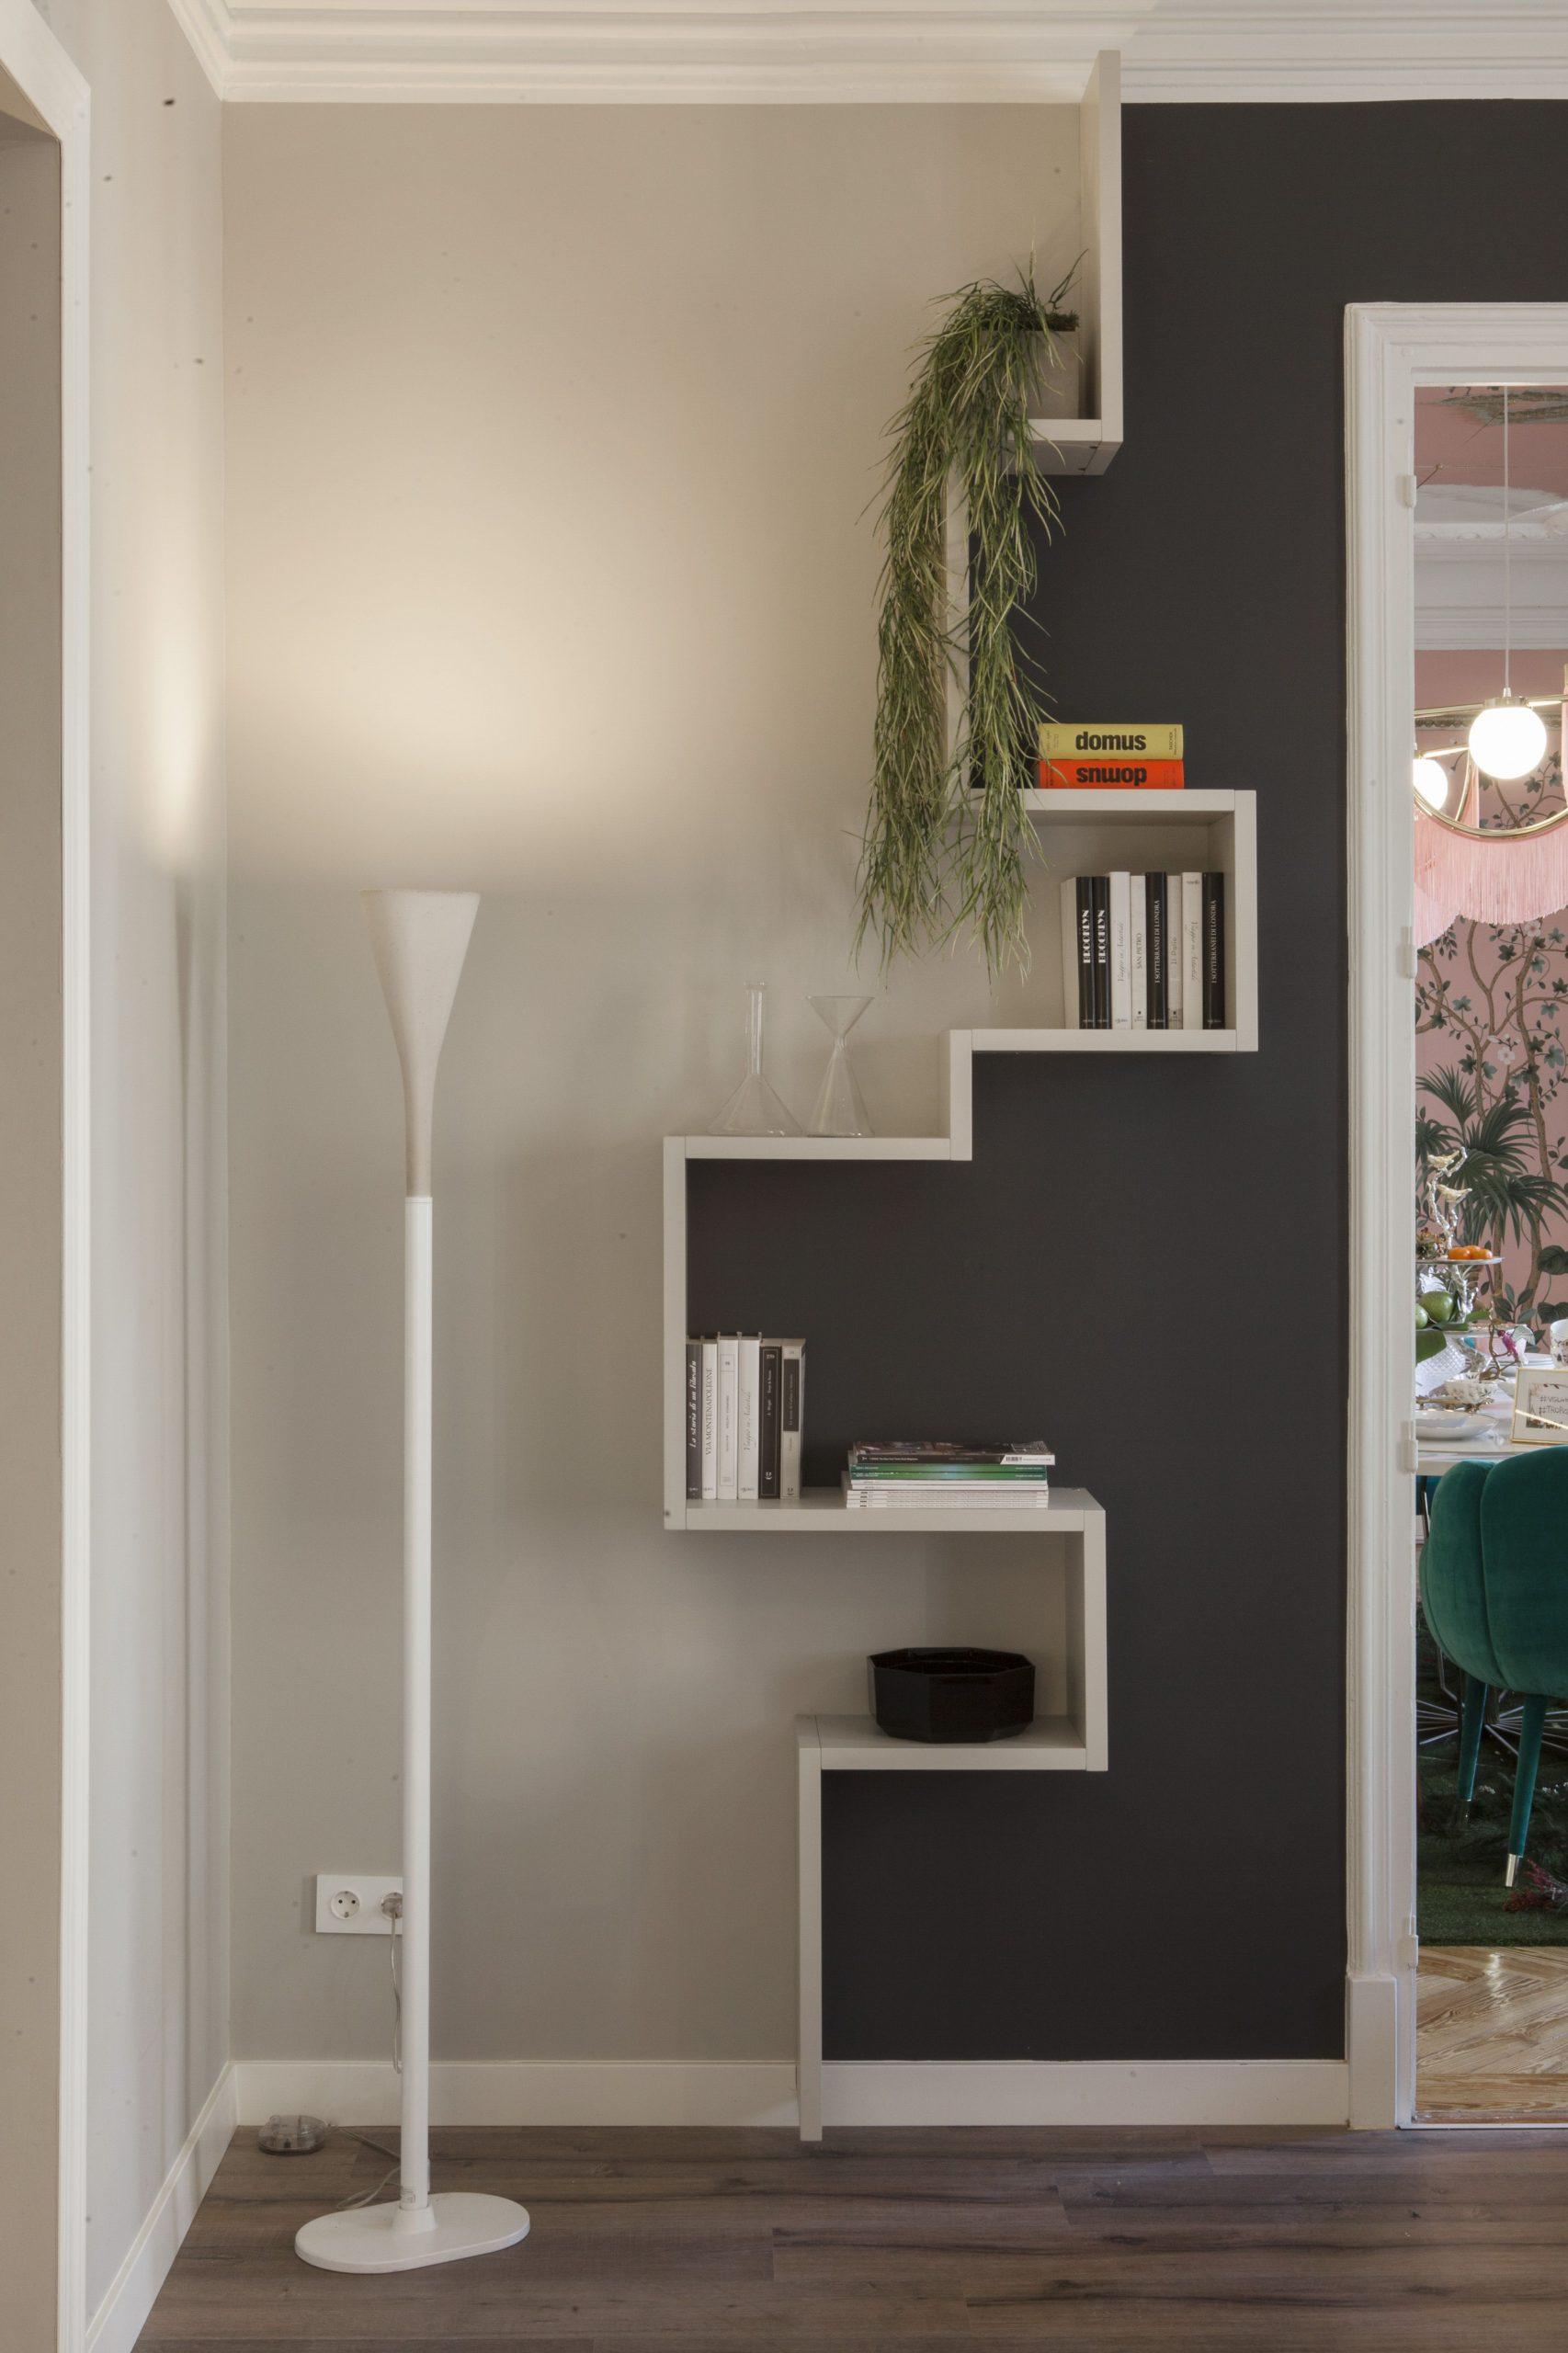 Casa Decor Home Design Concepts